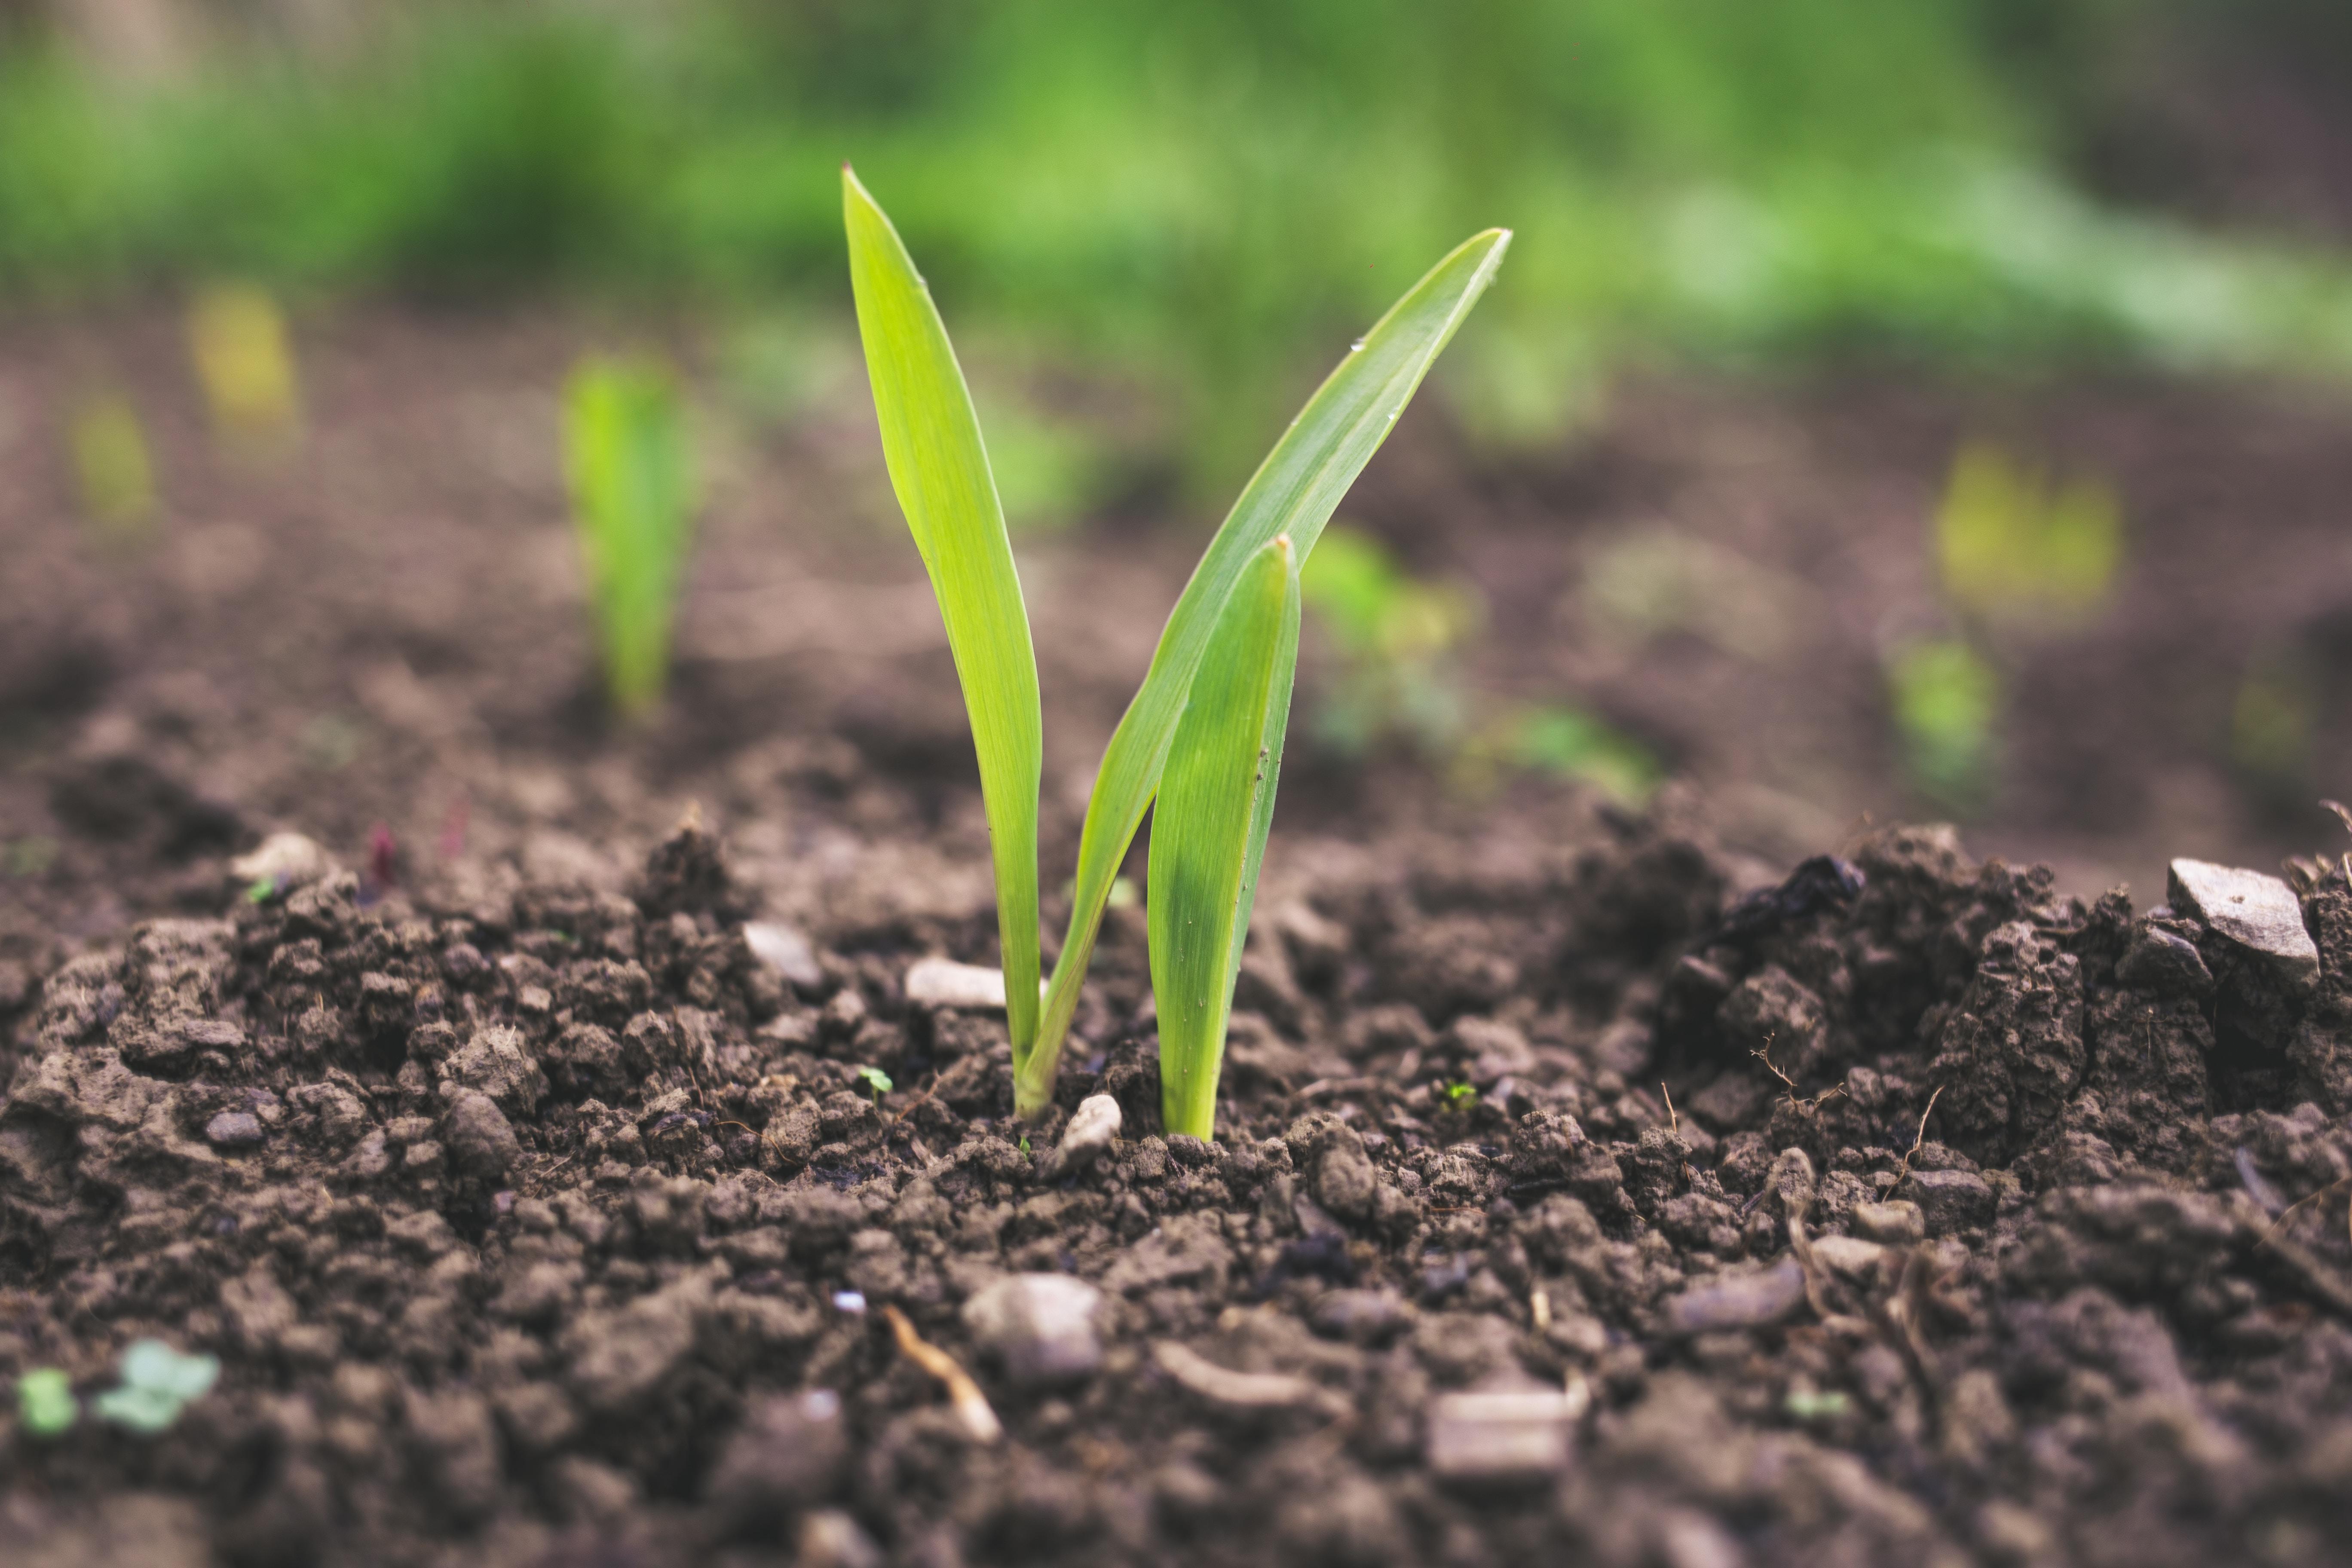 Agricoltura biodinamica: un metodo sostenibile e rispettoso della natura